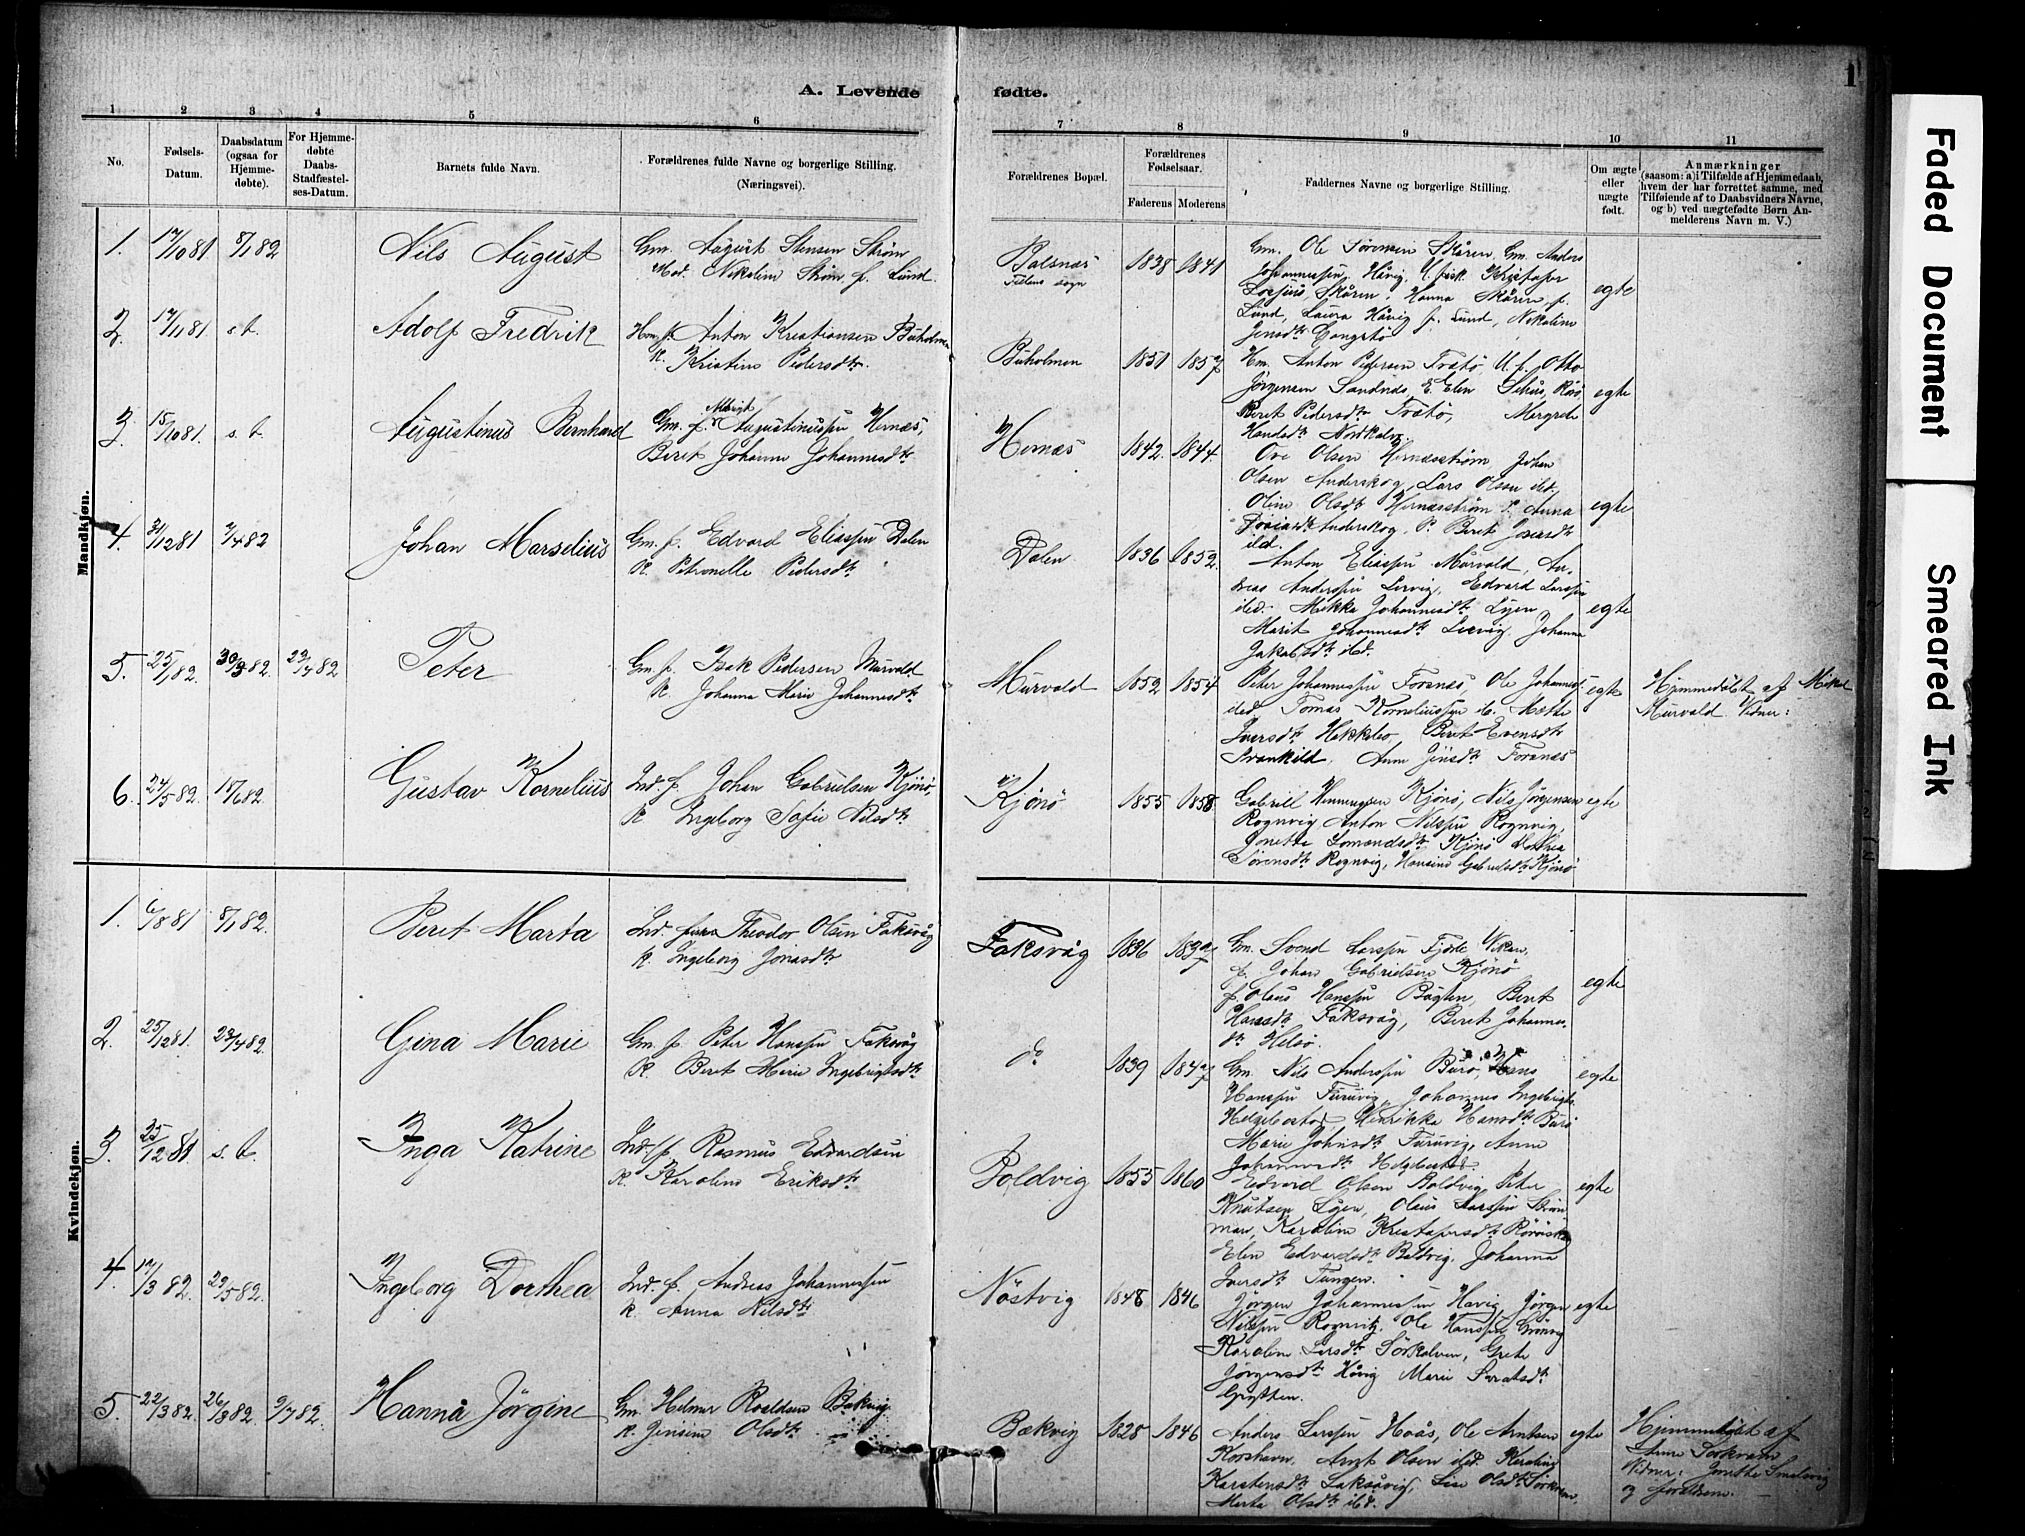 SAT, Ministerialprotokoller, klokkerbøker og fødselsregistre - Sør-Trøndelag, 635/L0551: Ministerialbok nr. 635A01, 1882-1899, s. 1